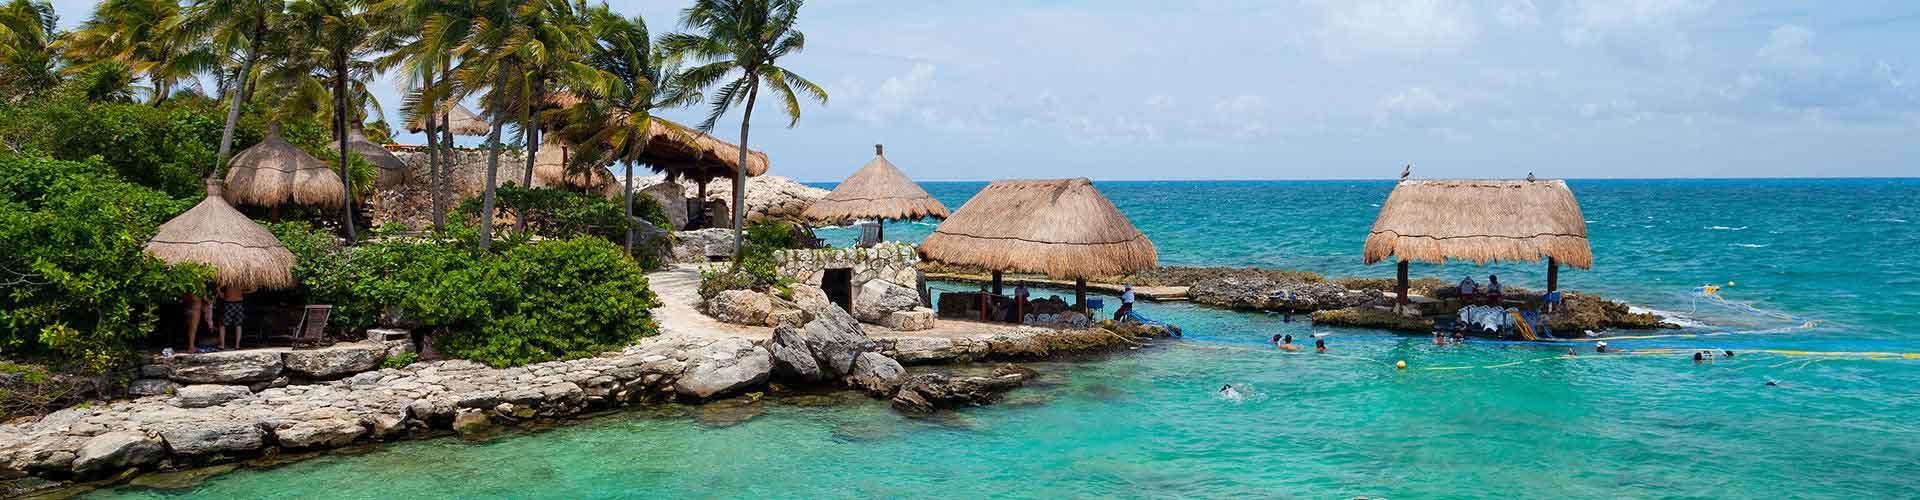 Cancún - Albergues en Cancún. Mapas de Cancún, Fotos y Comentarios para cada Albergue en Cancún.